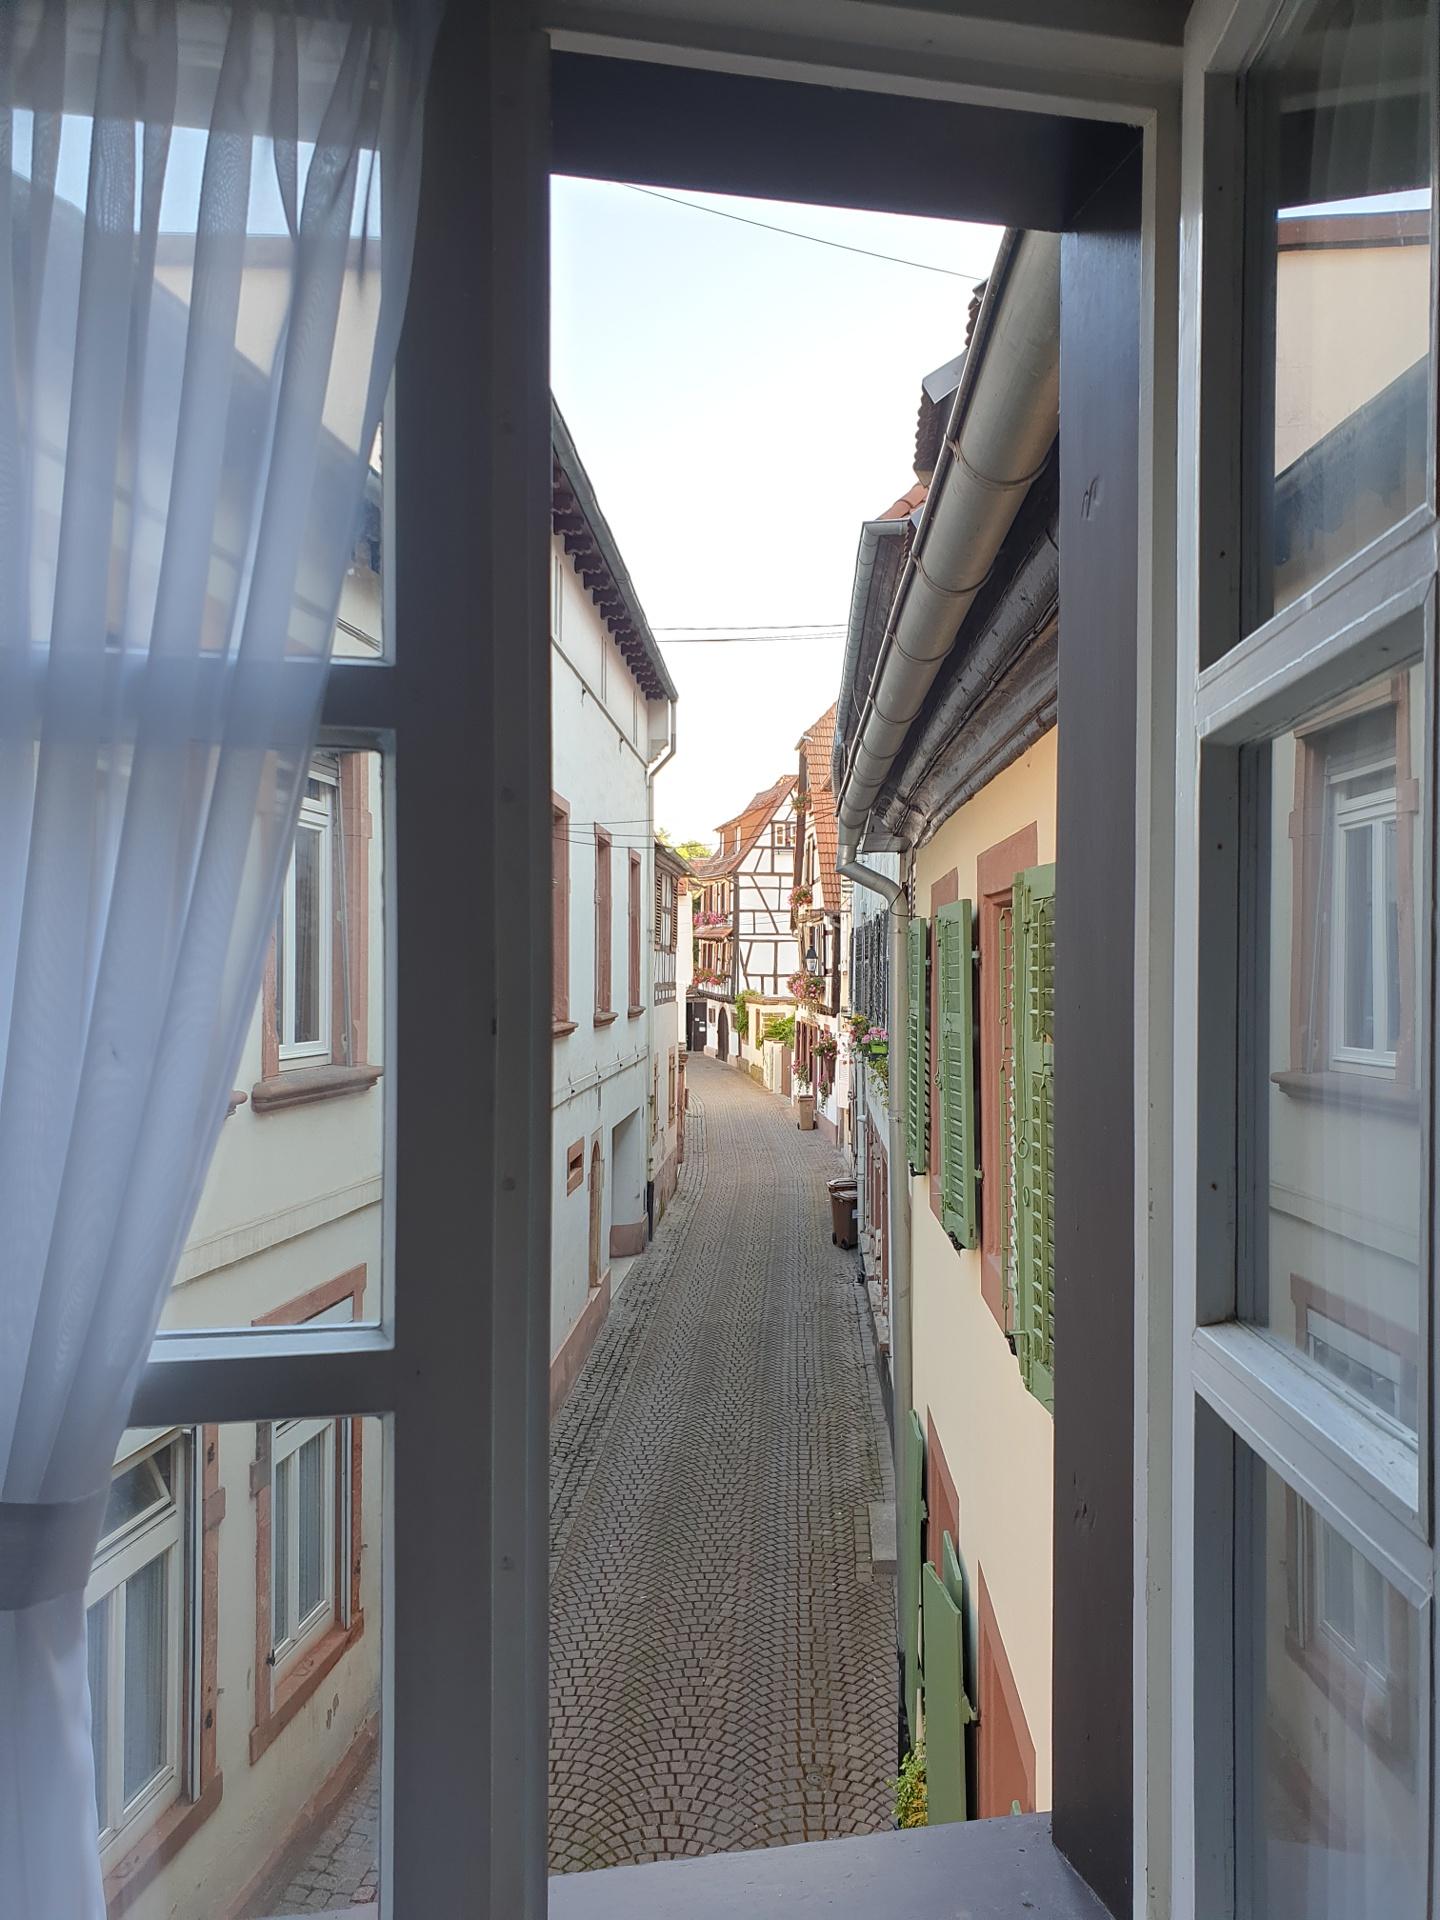 Wissembourg, elsässischer Ausblick